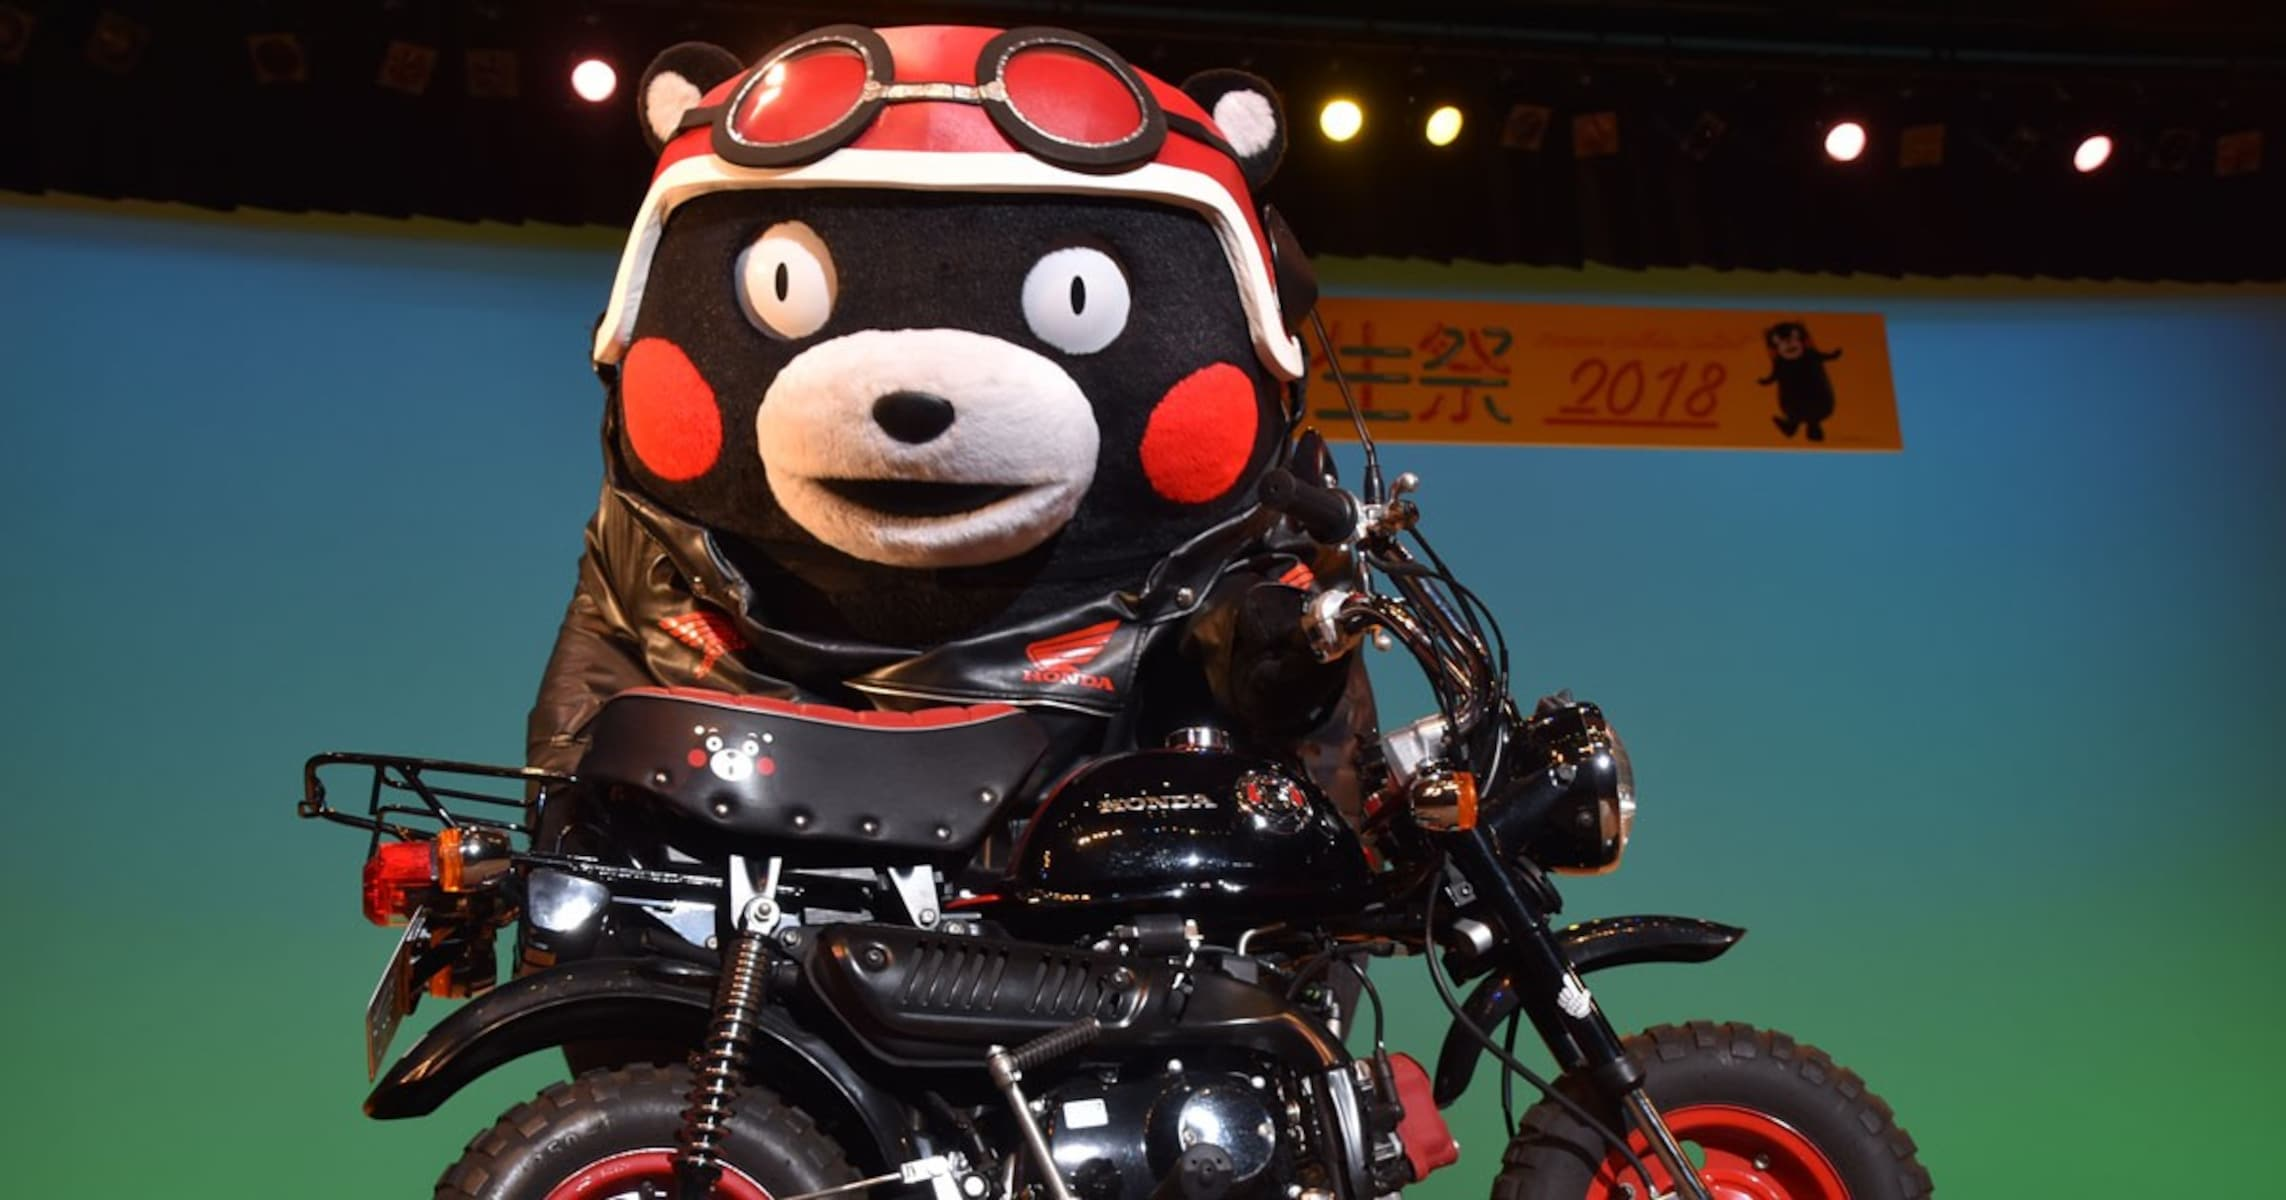 2016年4月14日、熊本地震発生──あのとき「くまモン」は何を考え、何をしていたのか?